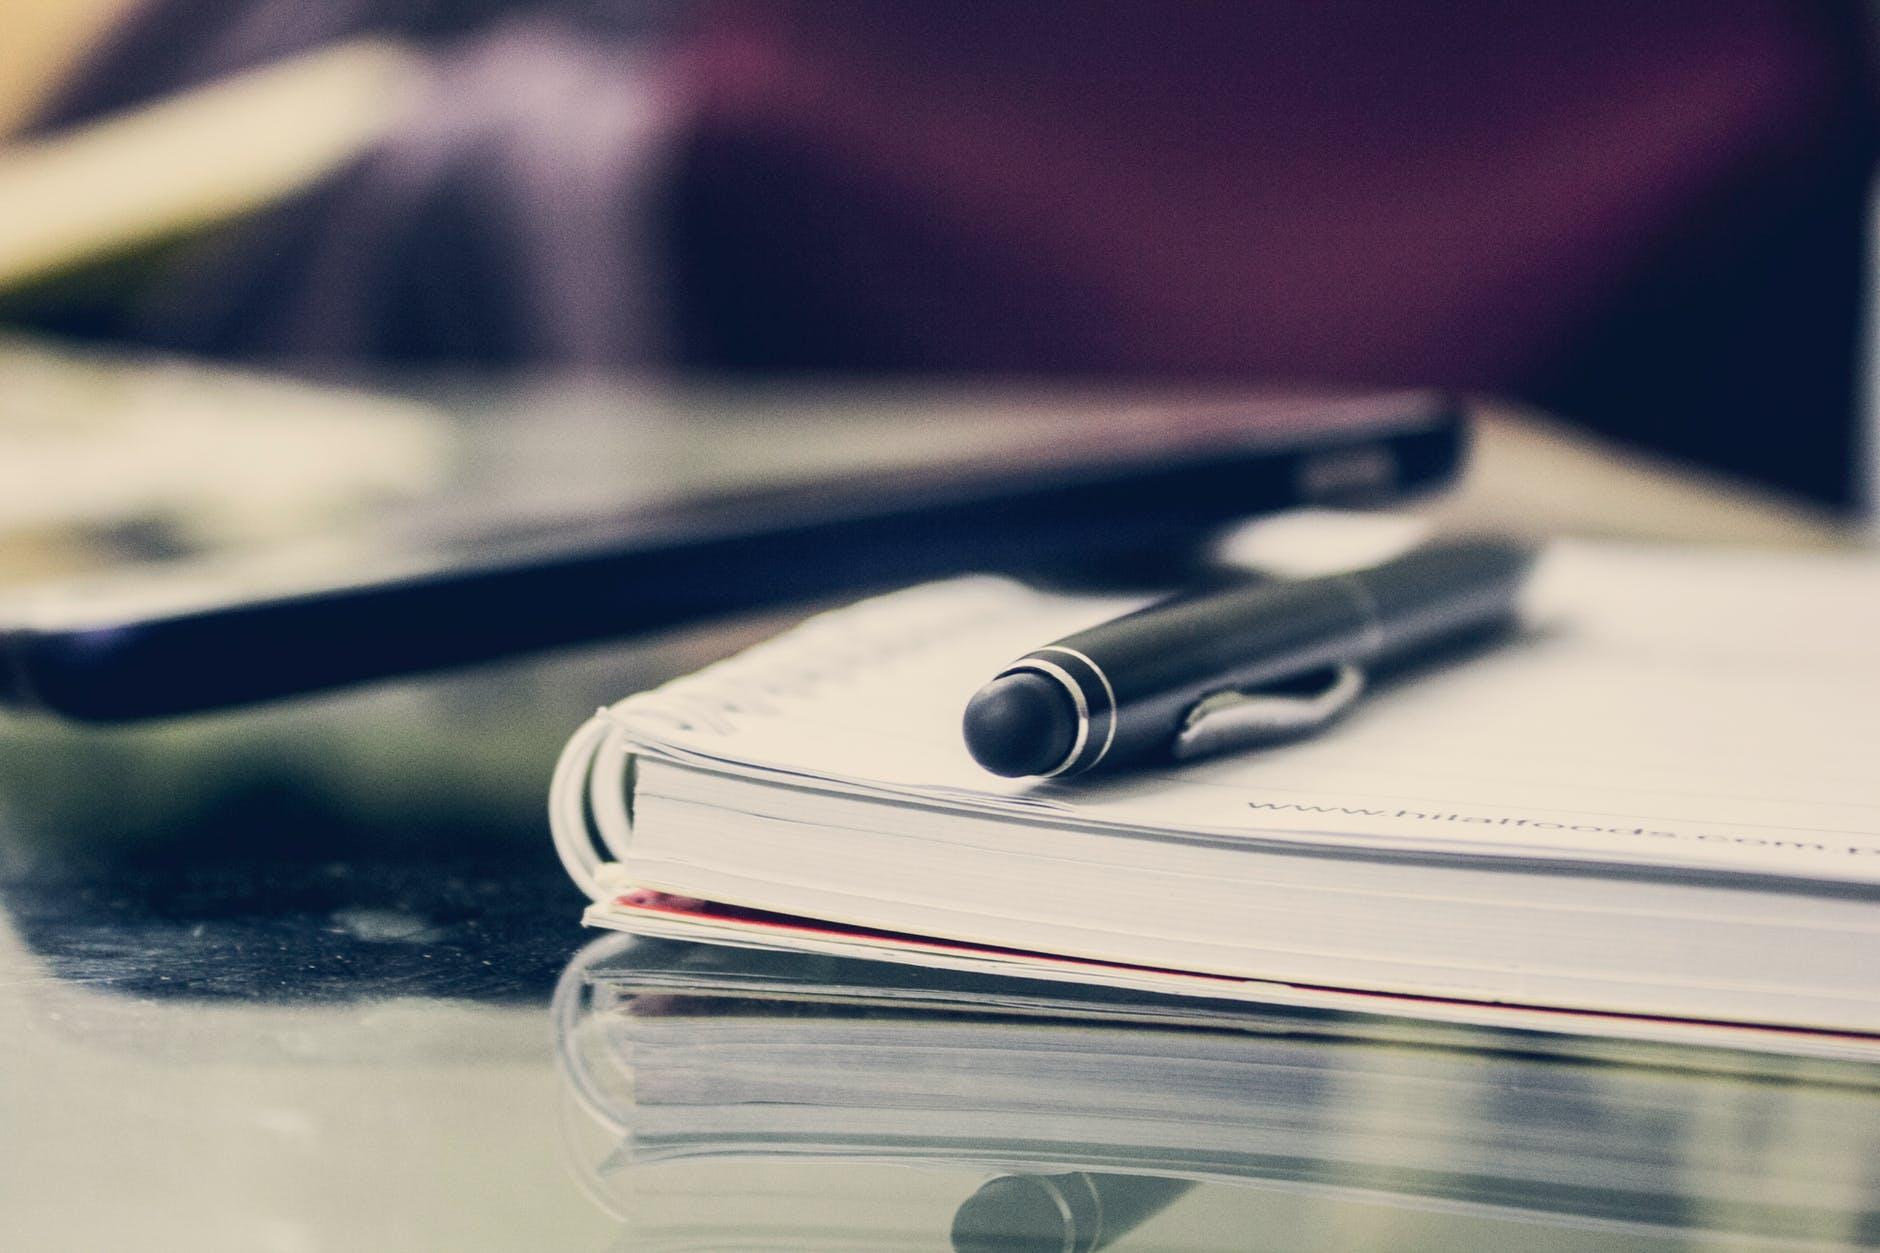 black twist pen on notebook